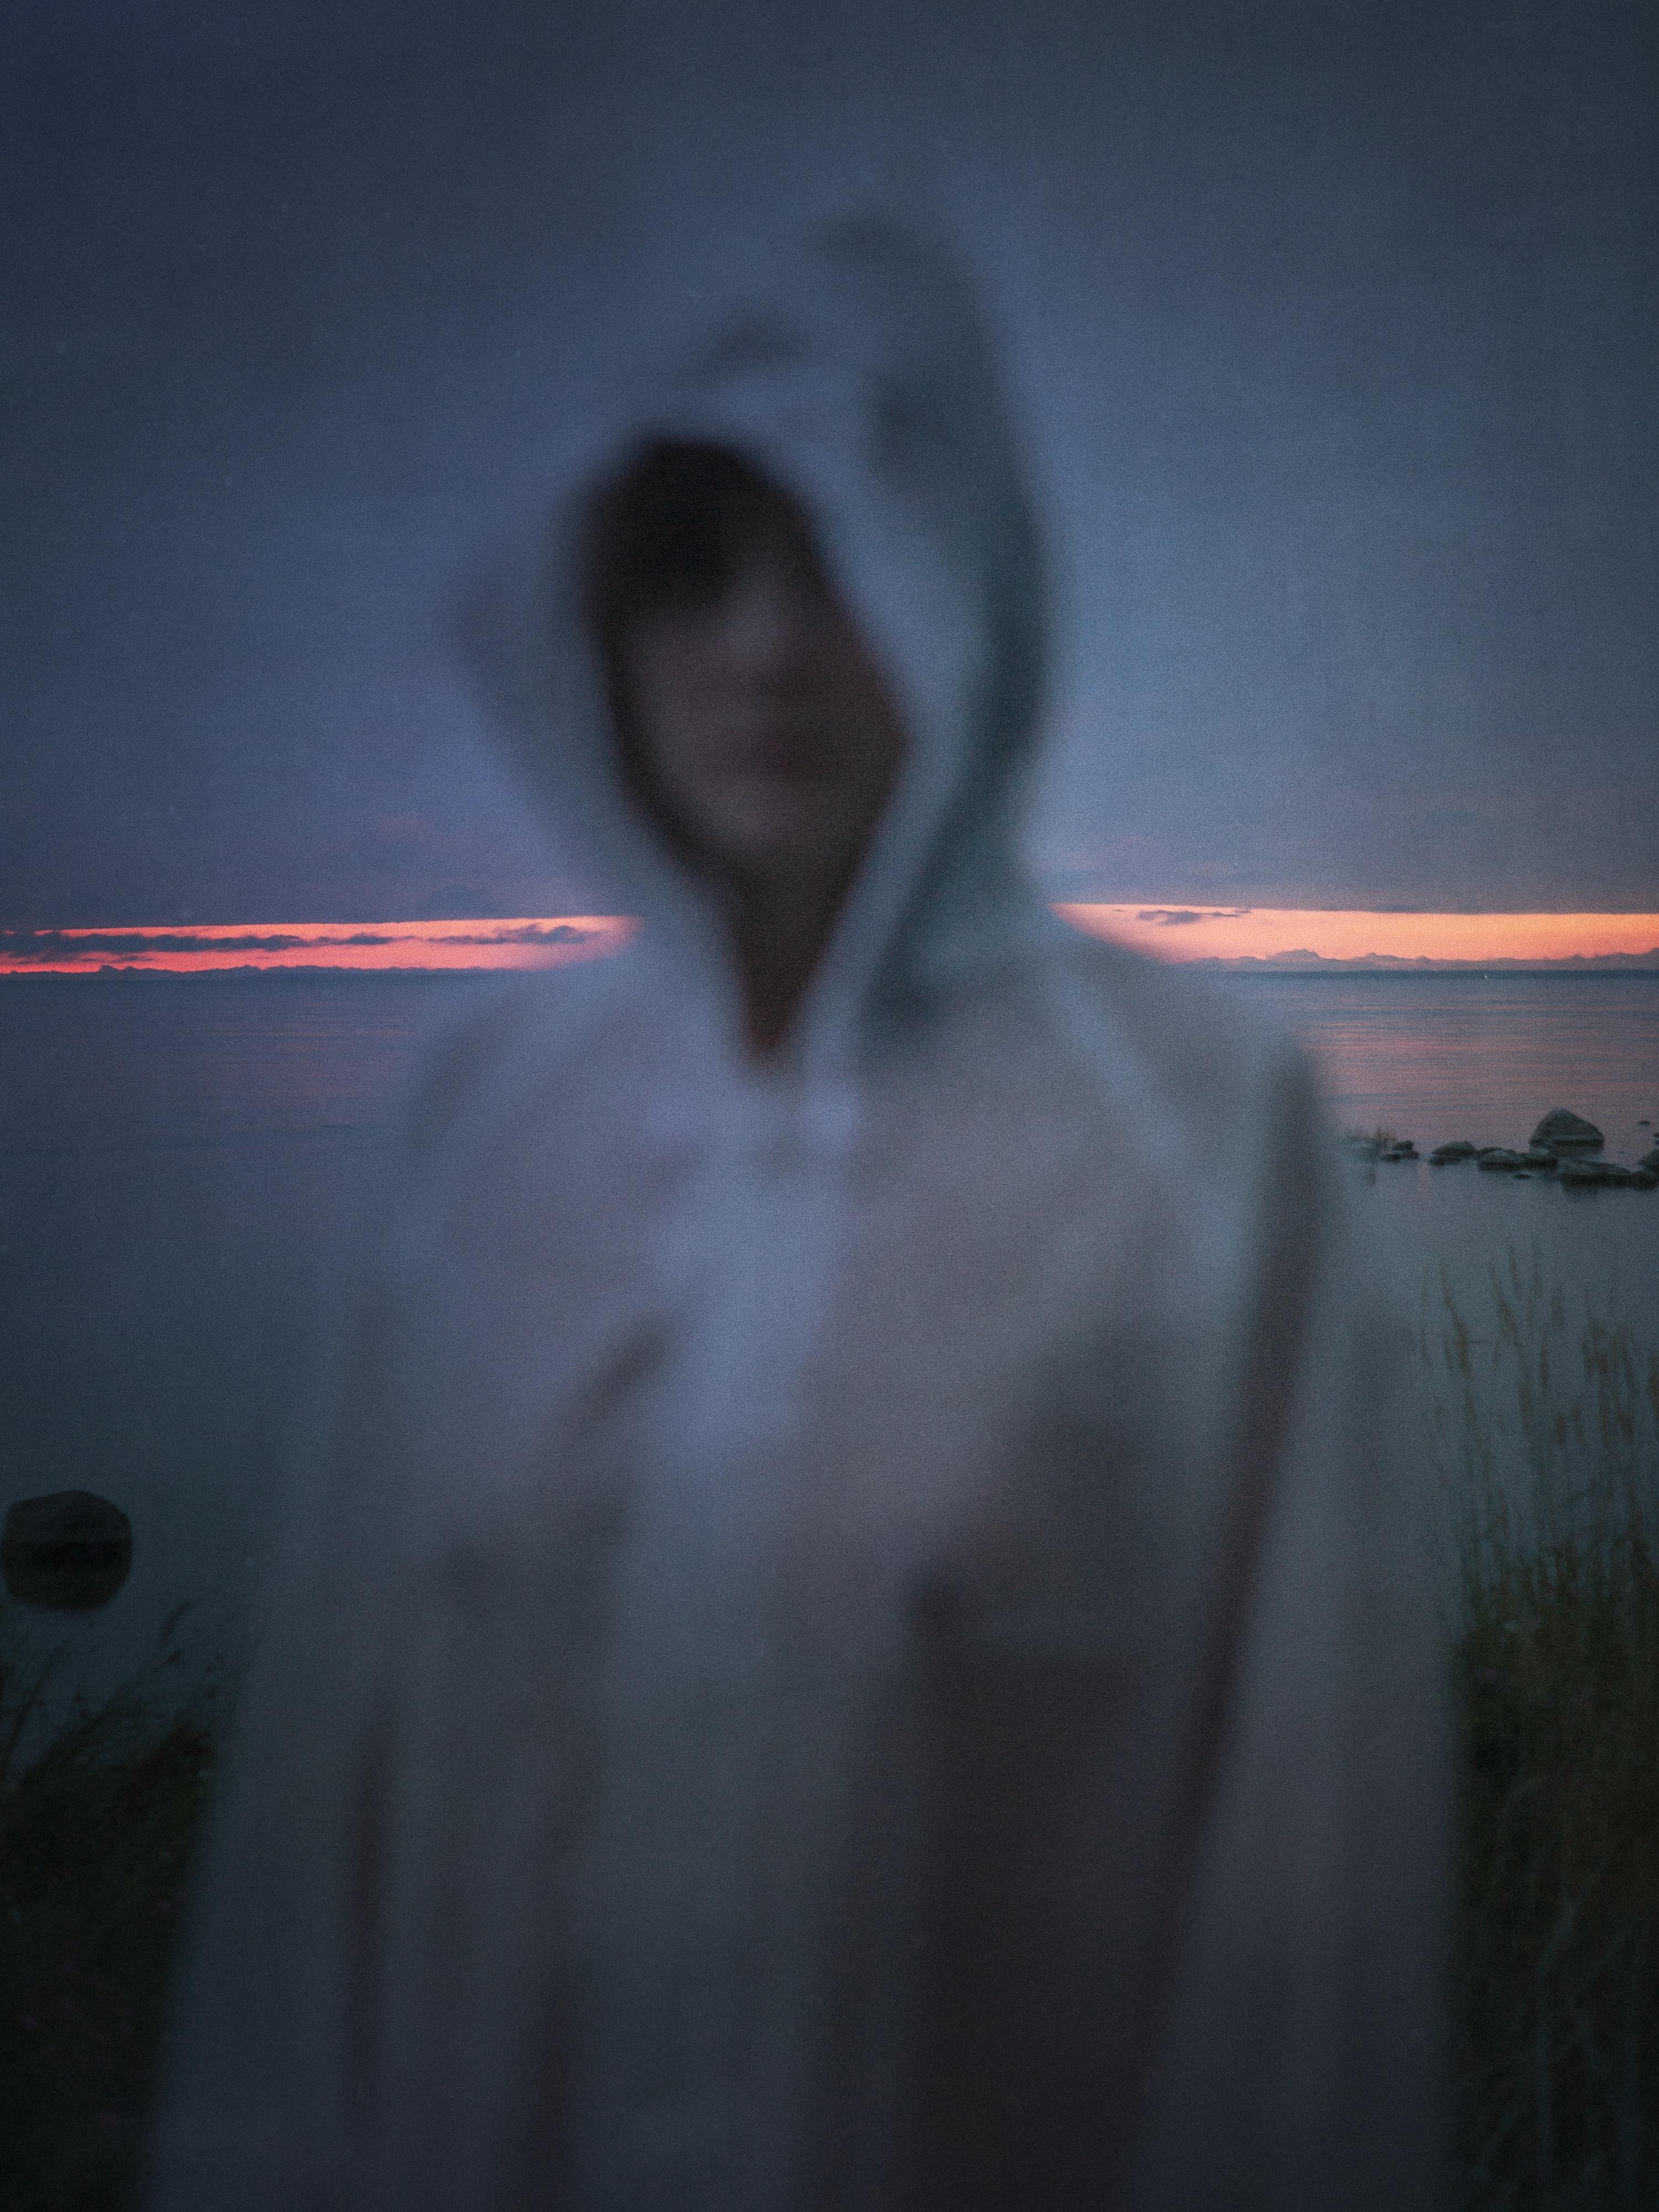 © Linda Nybom Titel: Sommar med Jea. Bildmått 30x40 cm / Inramad 40x50 cm. Teknik: Arkivbeständig pigmentbläckutskrift. Upplaga: 10. Signerad.  Pris: SEK 3 900